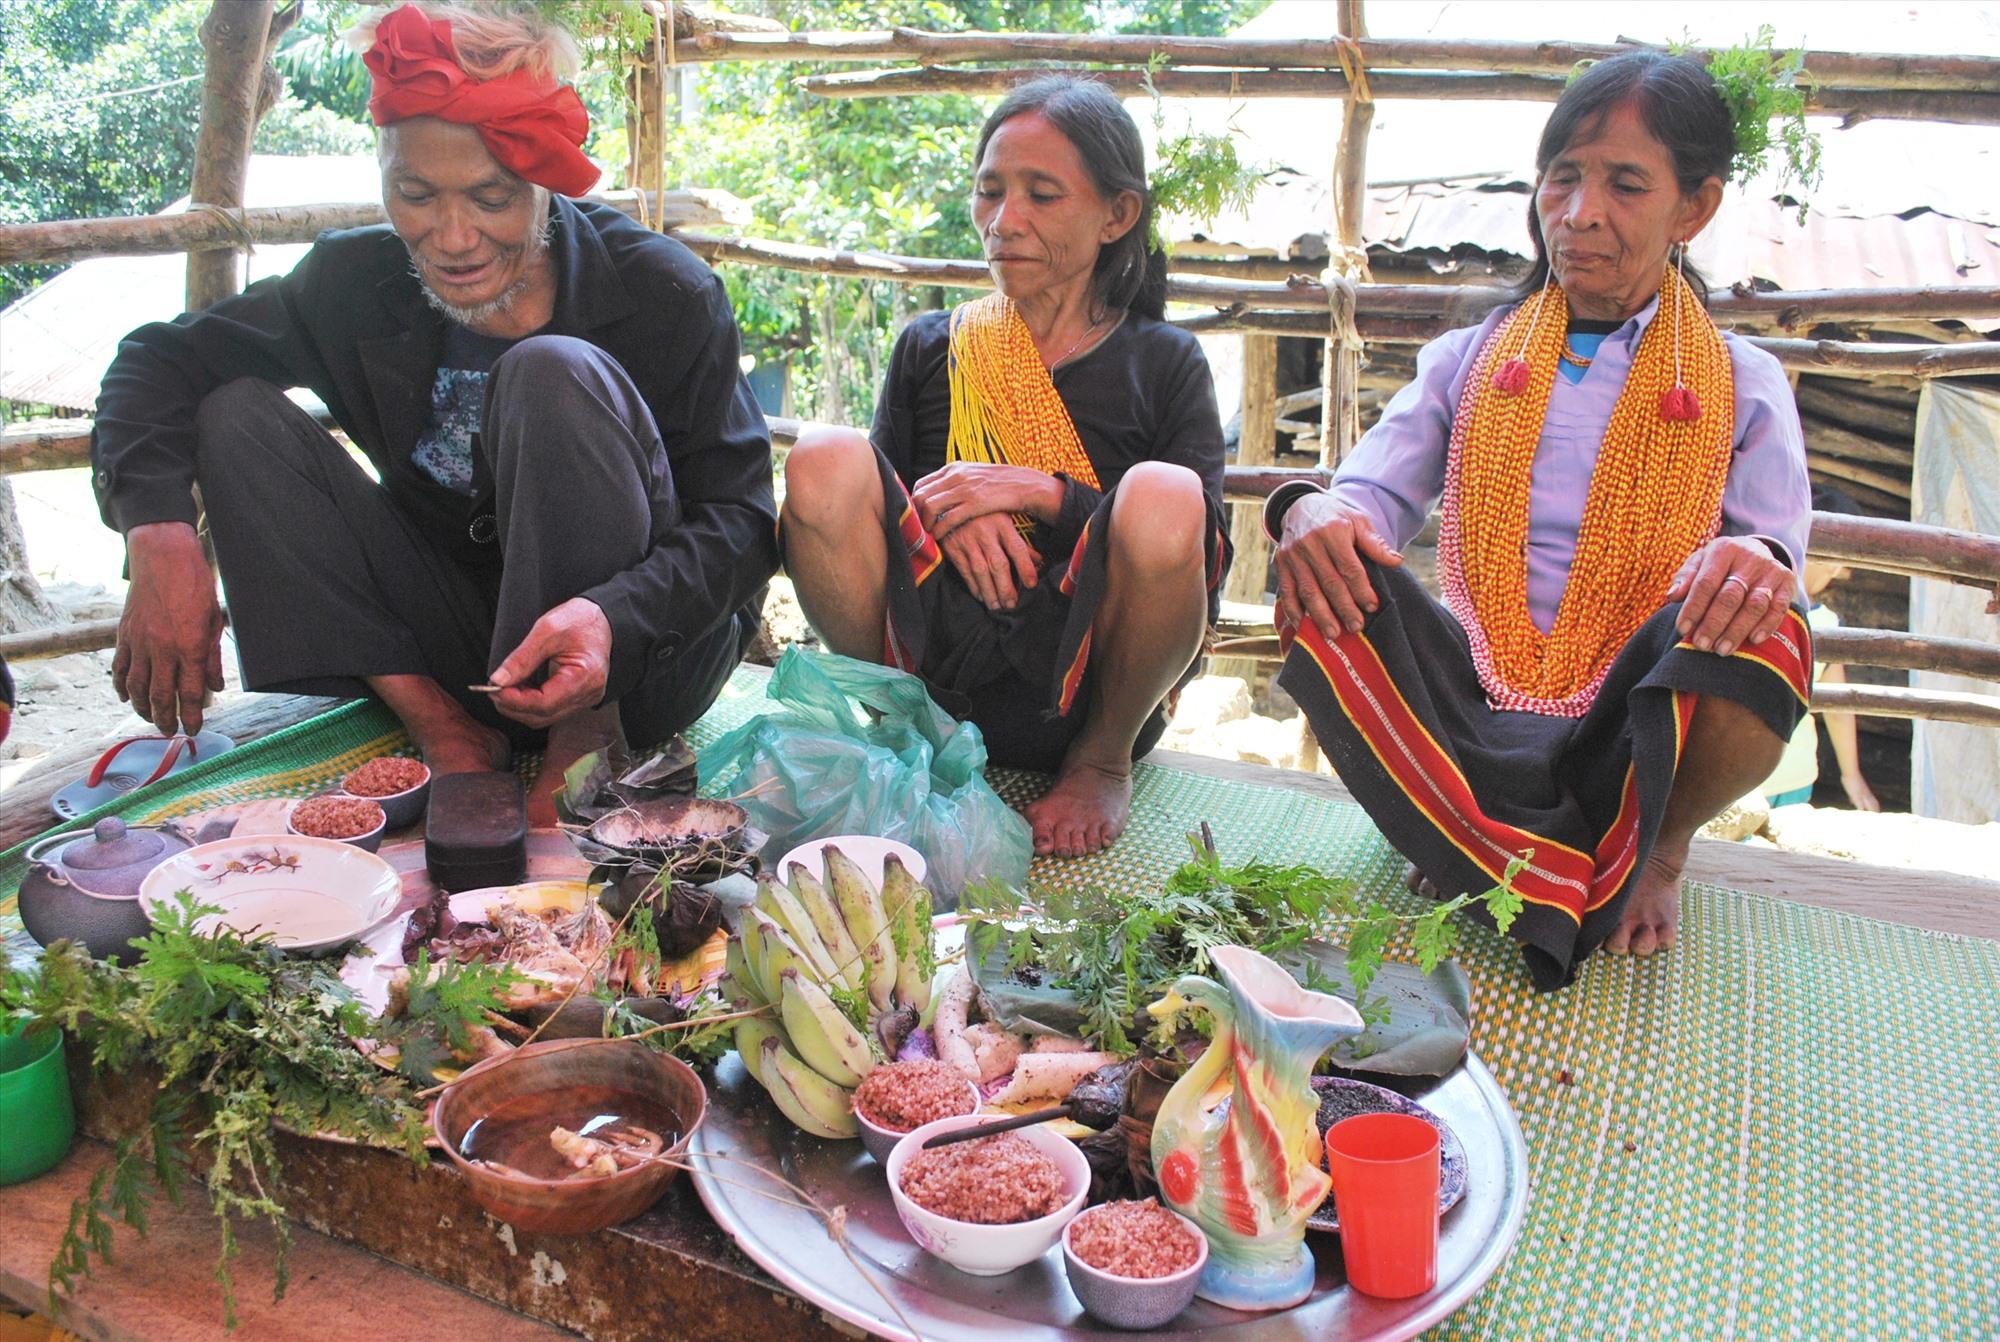 Thực hiện nghi thức xin keo trong lễ cúng rừng của người Xê Đăng (nhóm Cadong), huyện Bắc Trà My. Ảnh: P.V.B